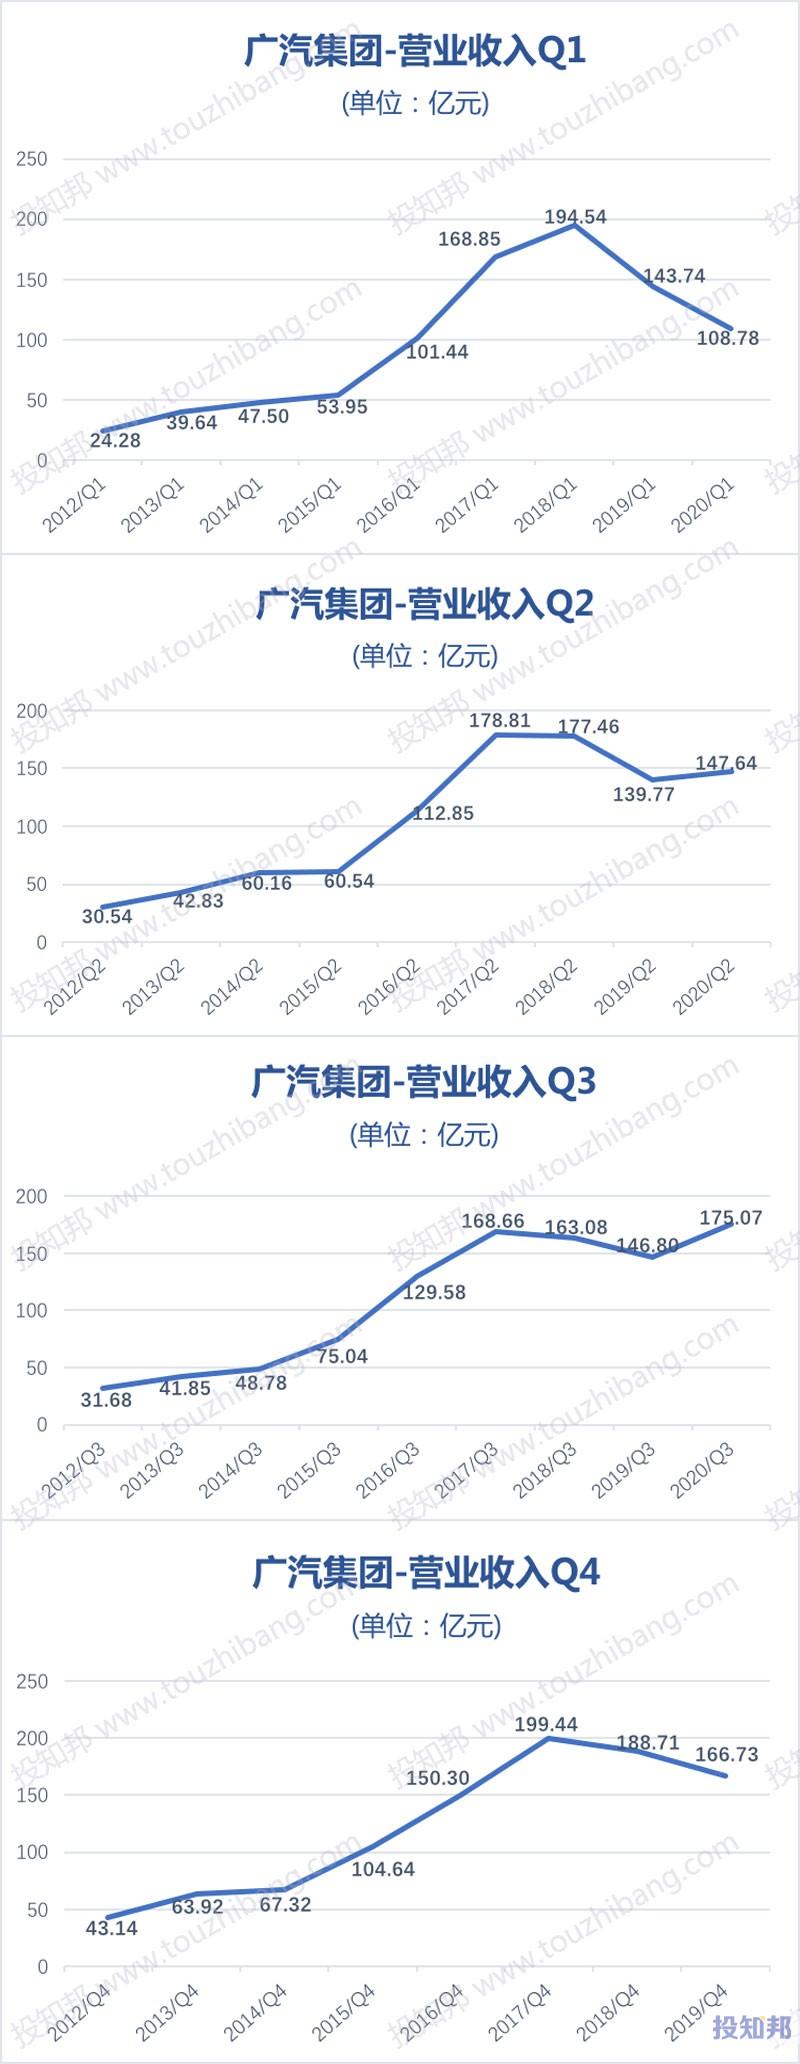 广汽集团(601238)财报数据图示(2012年~2020年Q3,更新)